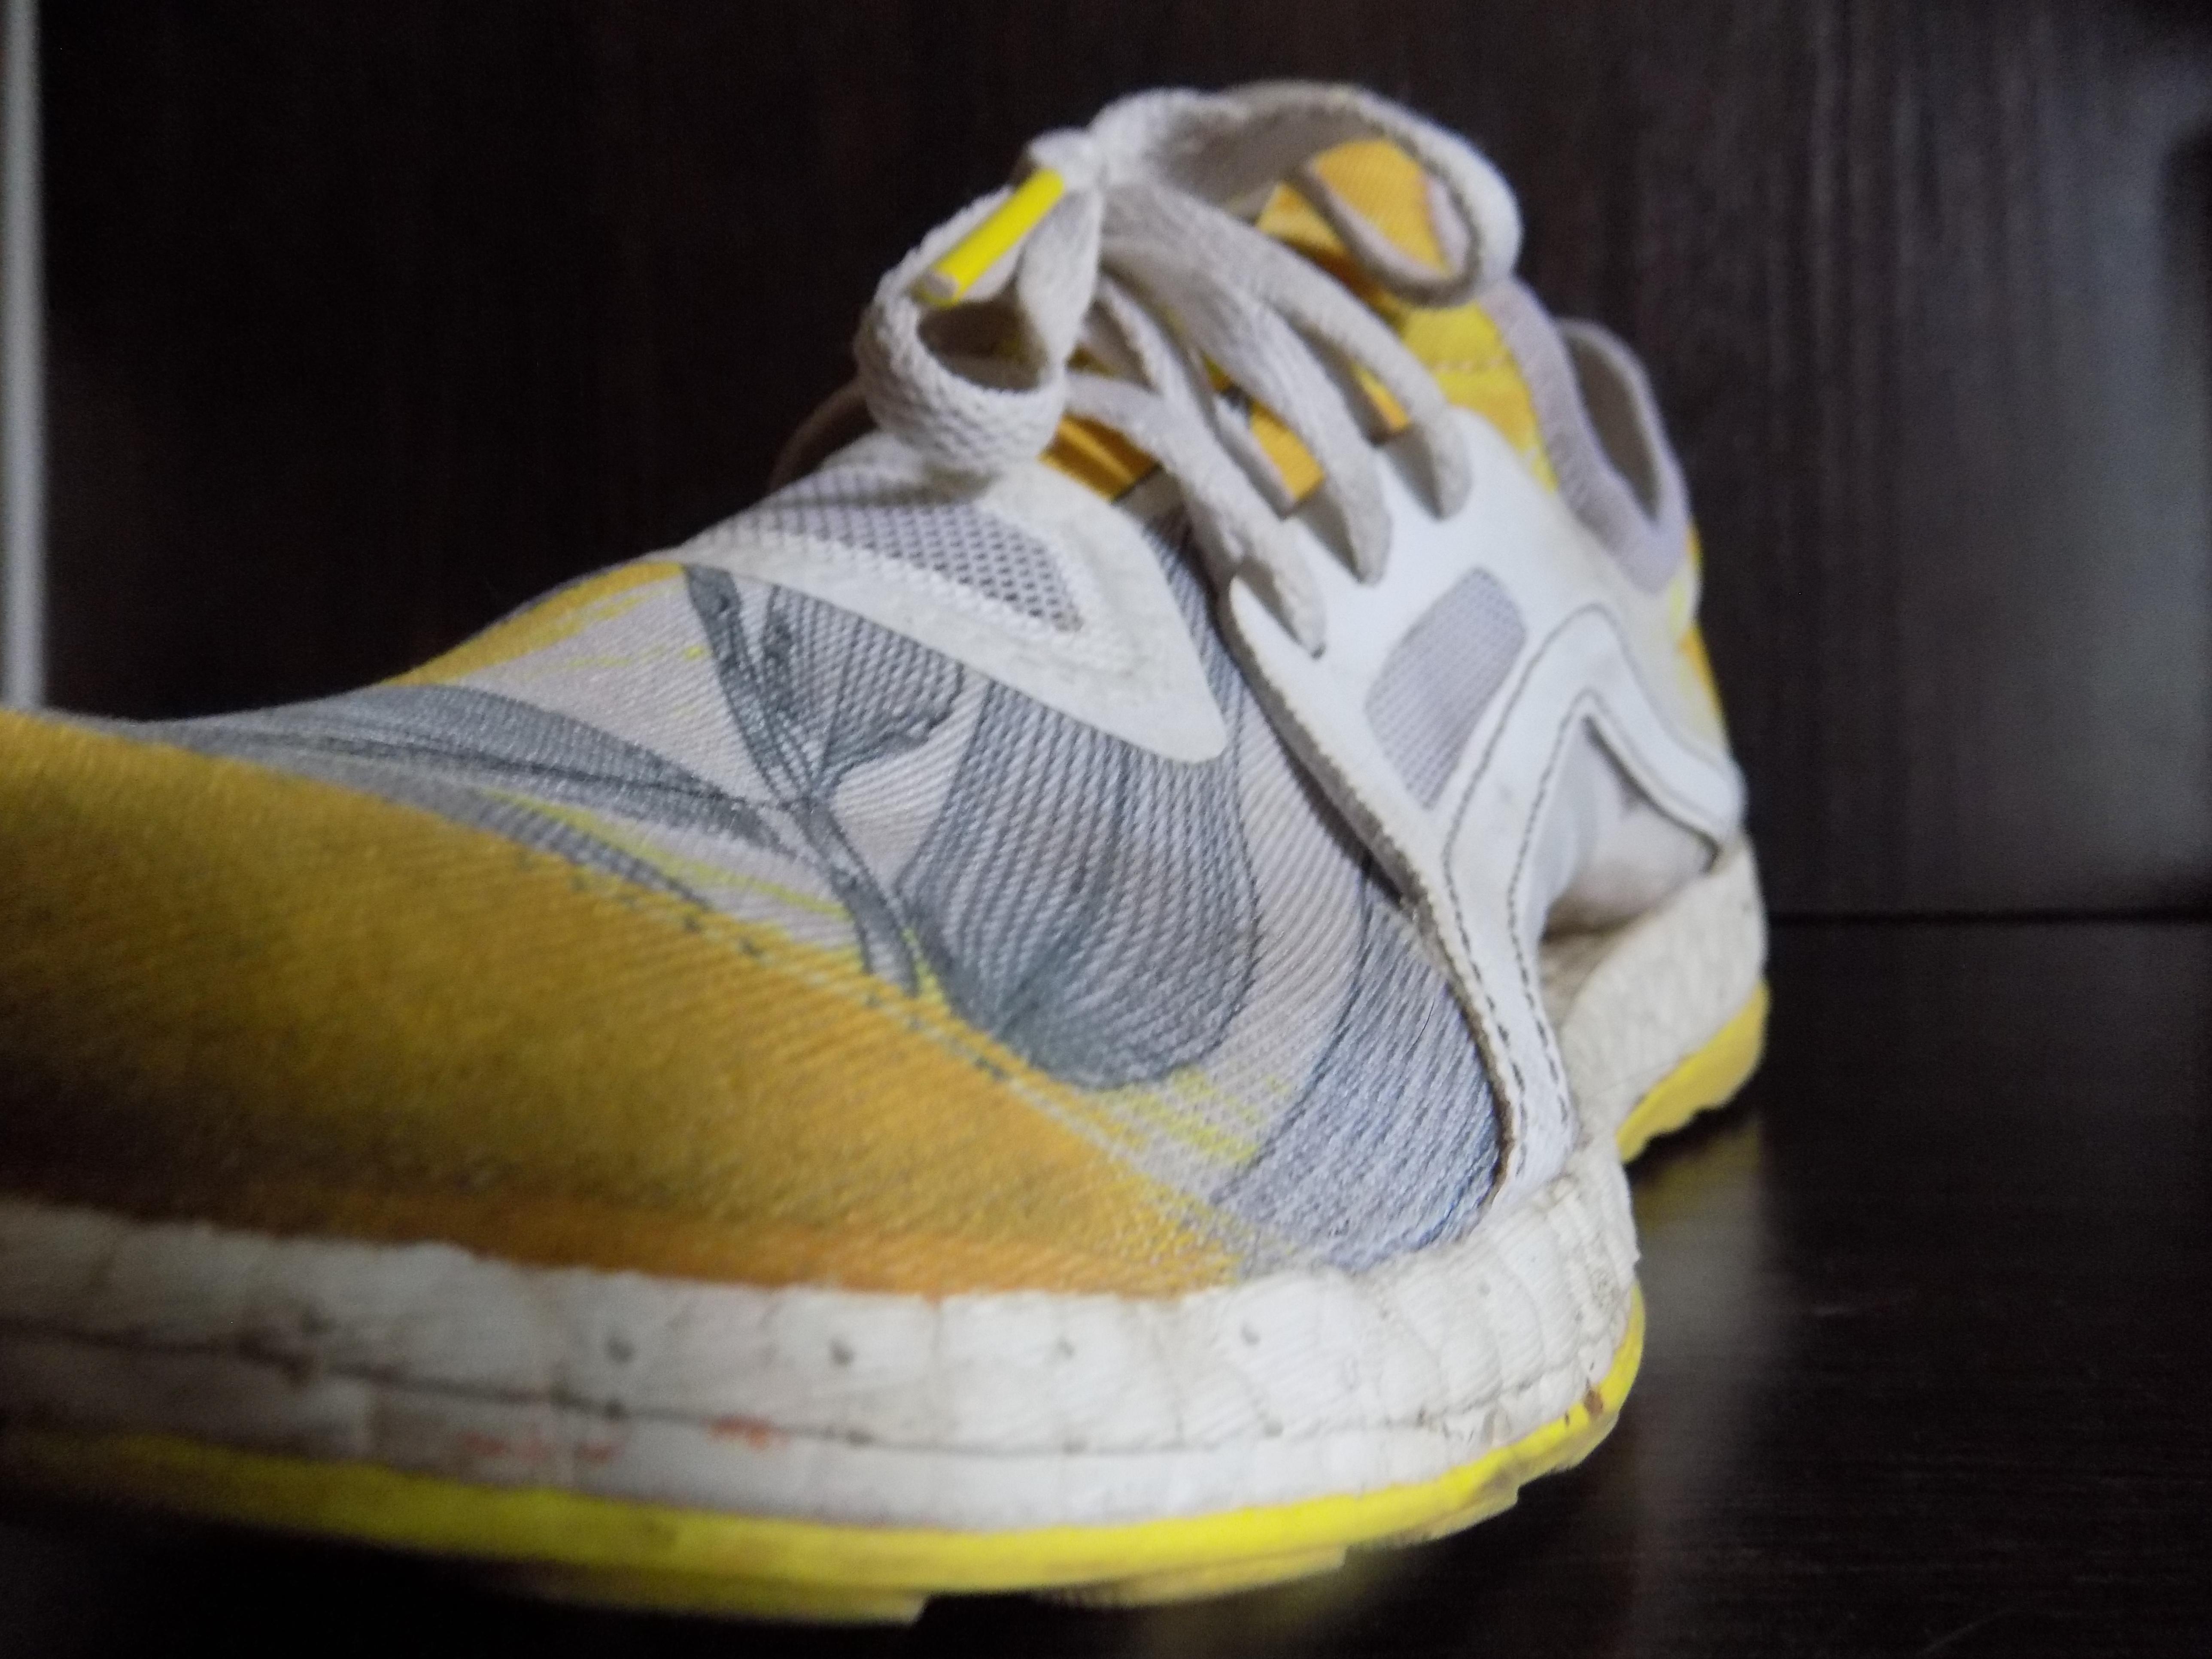 8635ad0a870e Как подобрать спортивную одежду и обувь для любого сезона - Лайфхакер